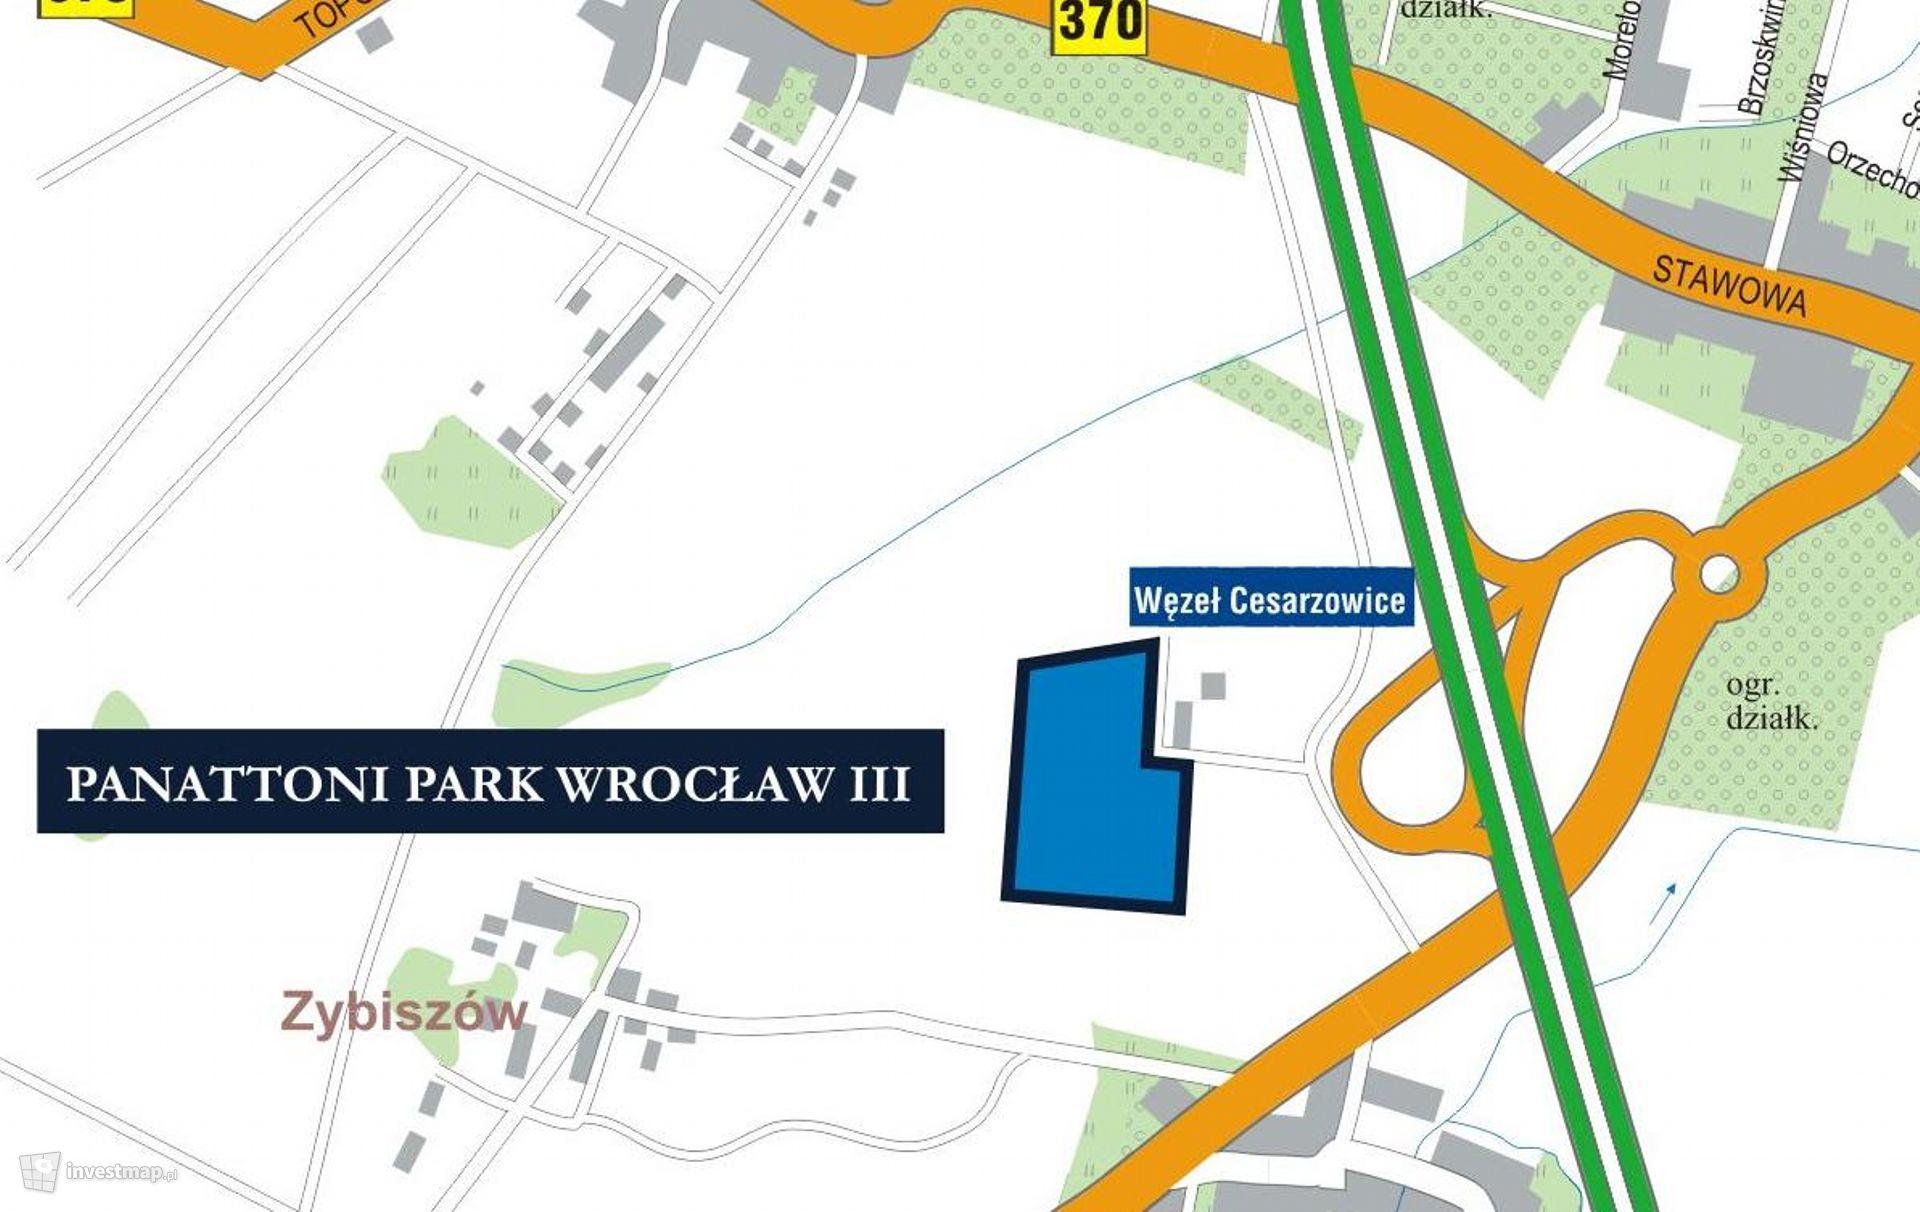 Kompleks magazynowy Panattoni Park Wrocław III